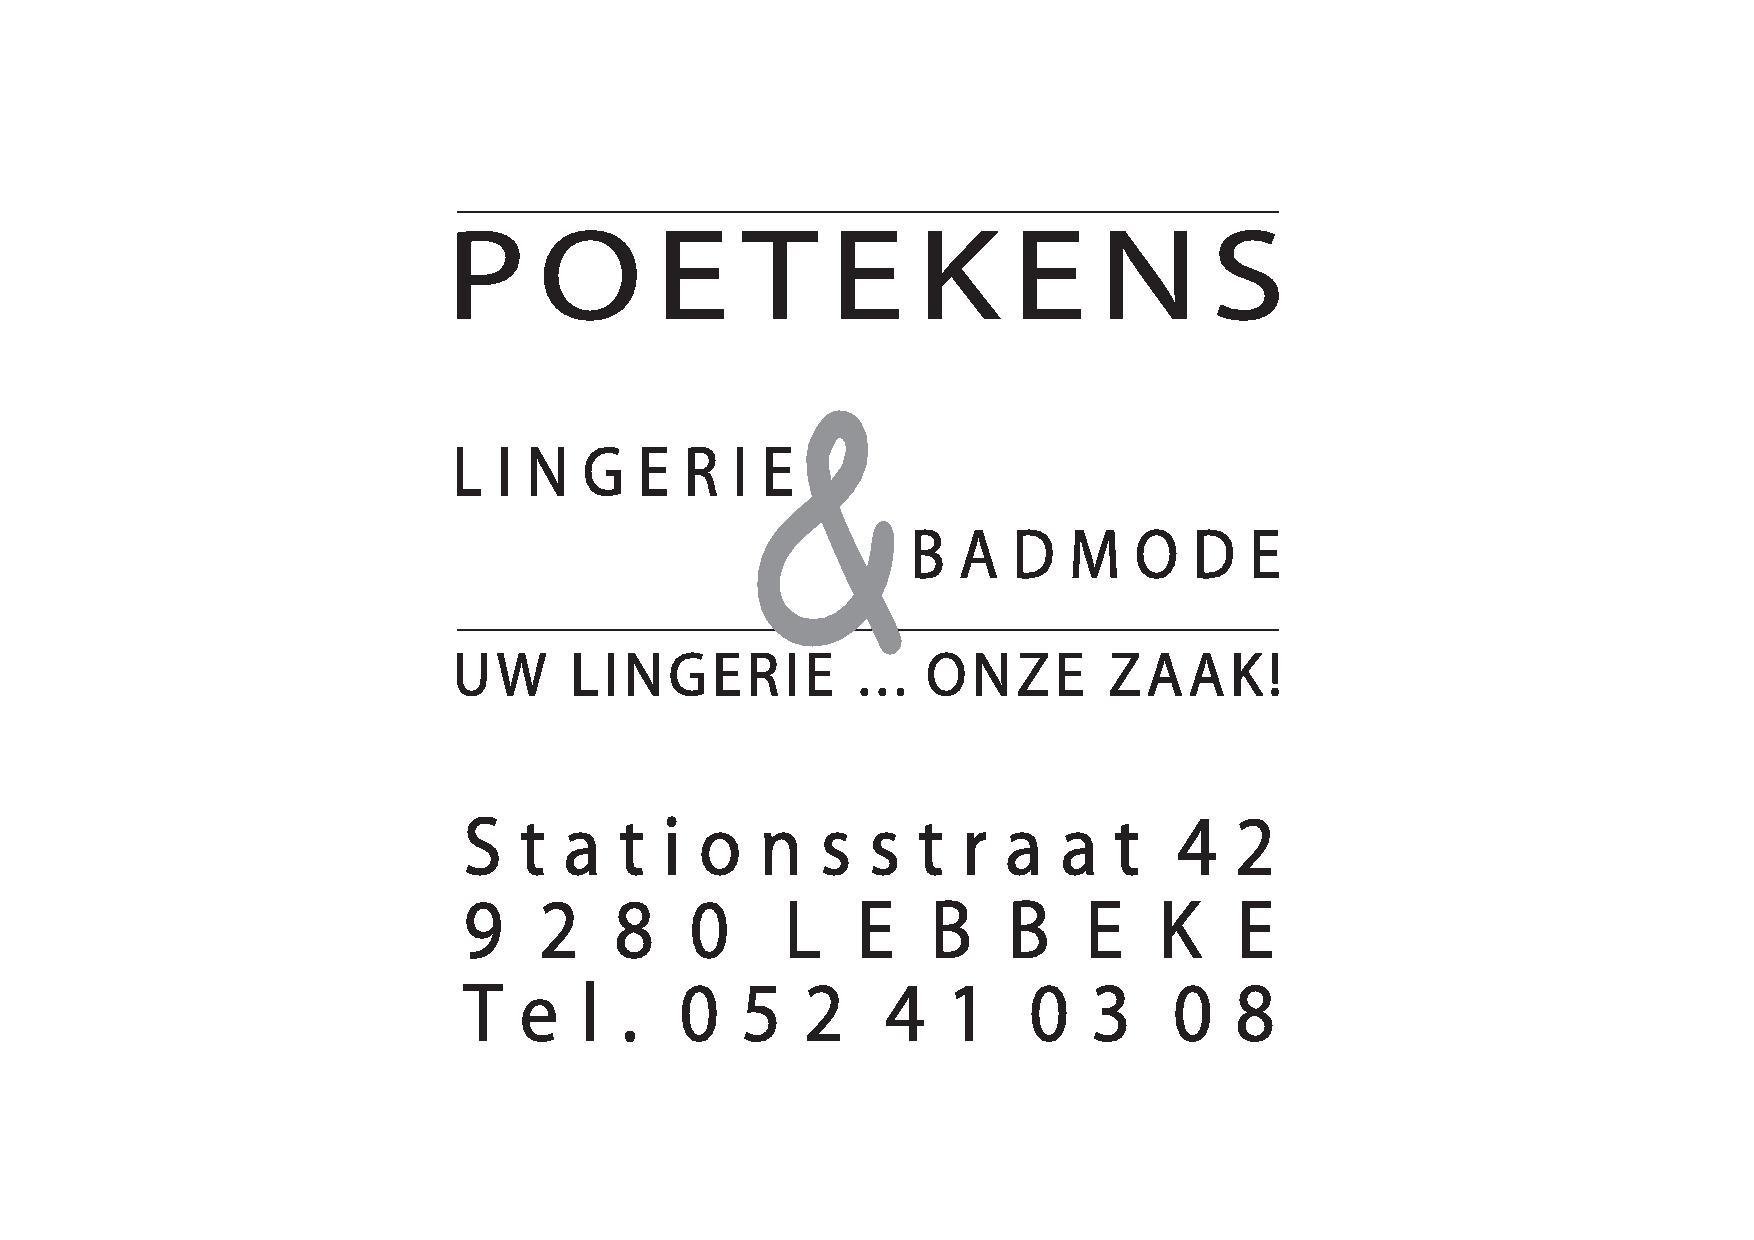 POETEKENS Lingerie & Badmode logo